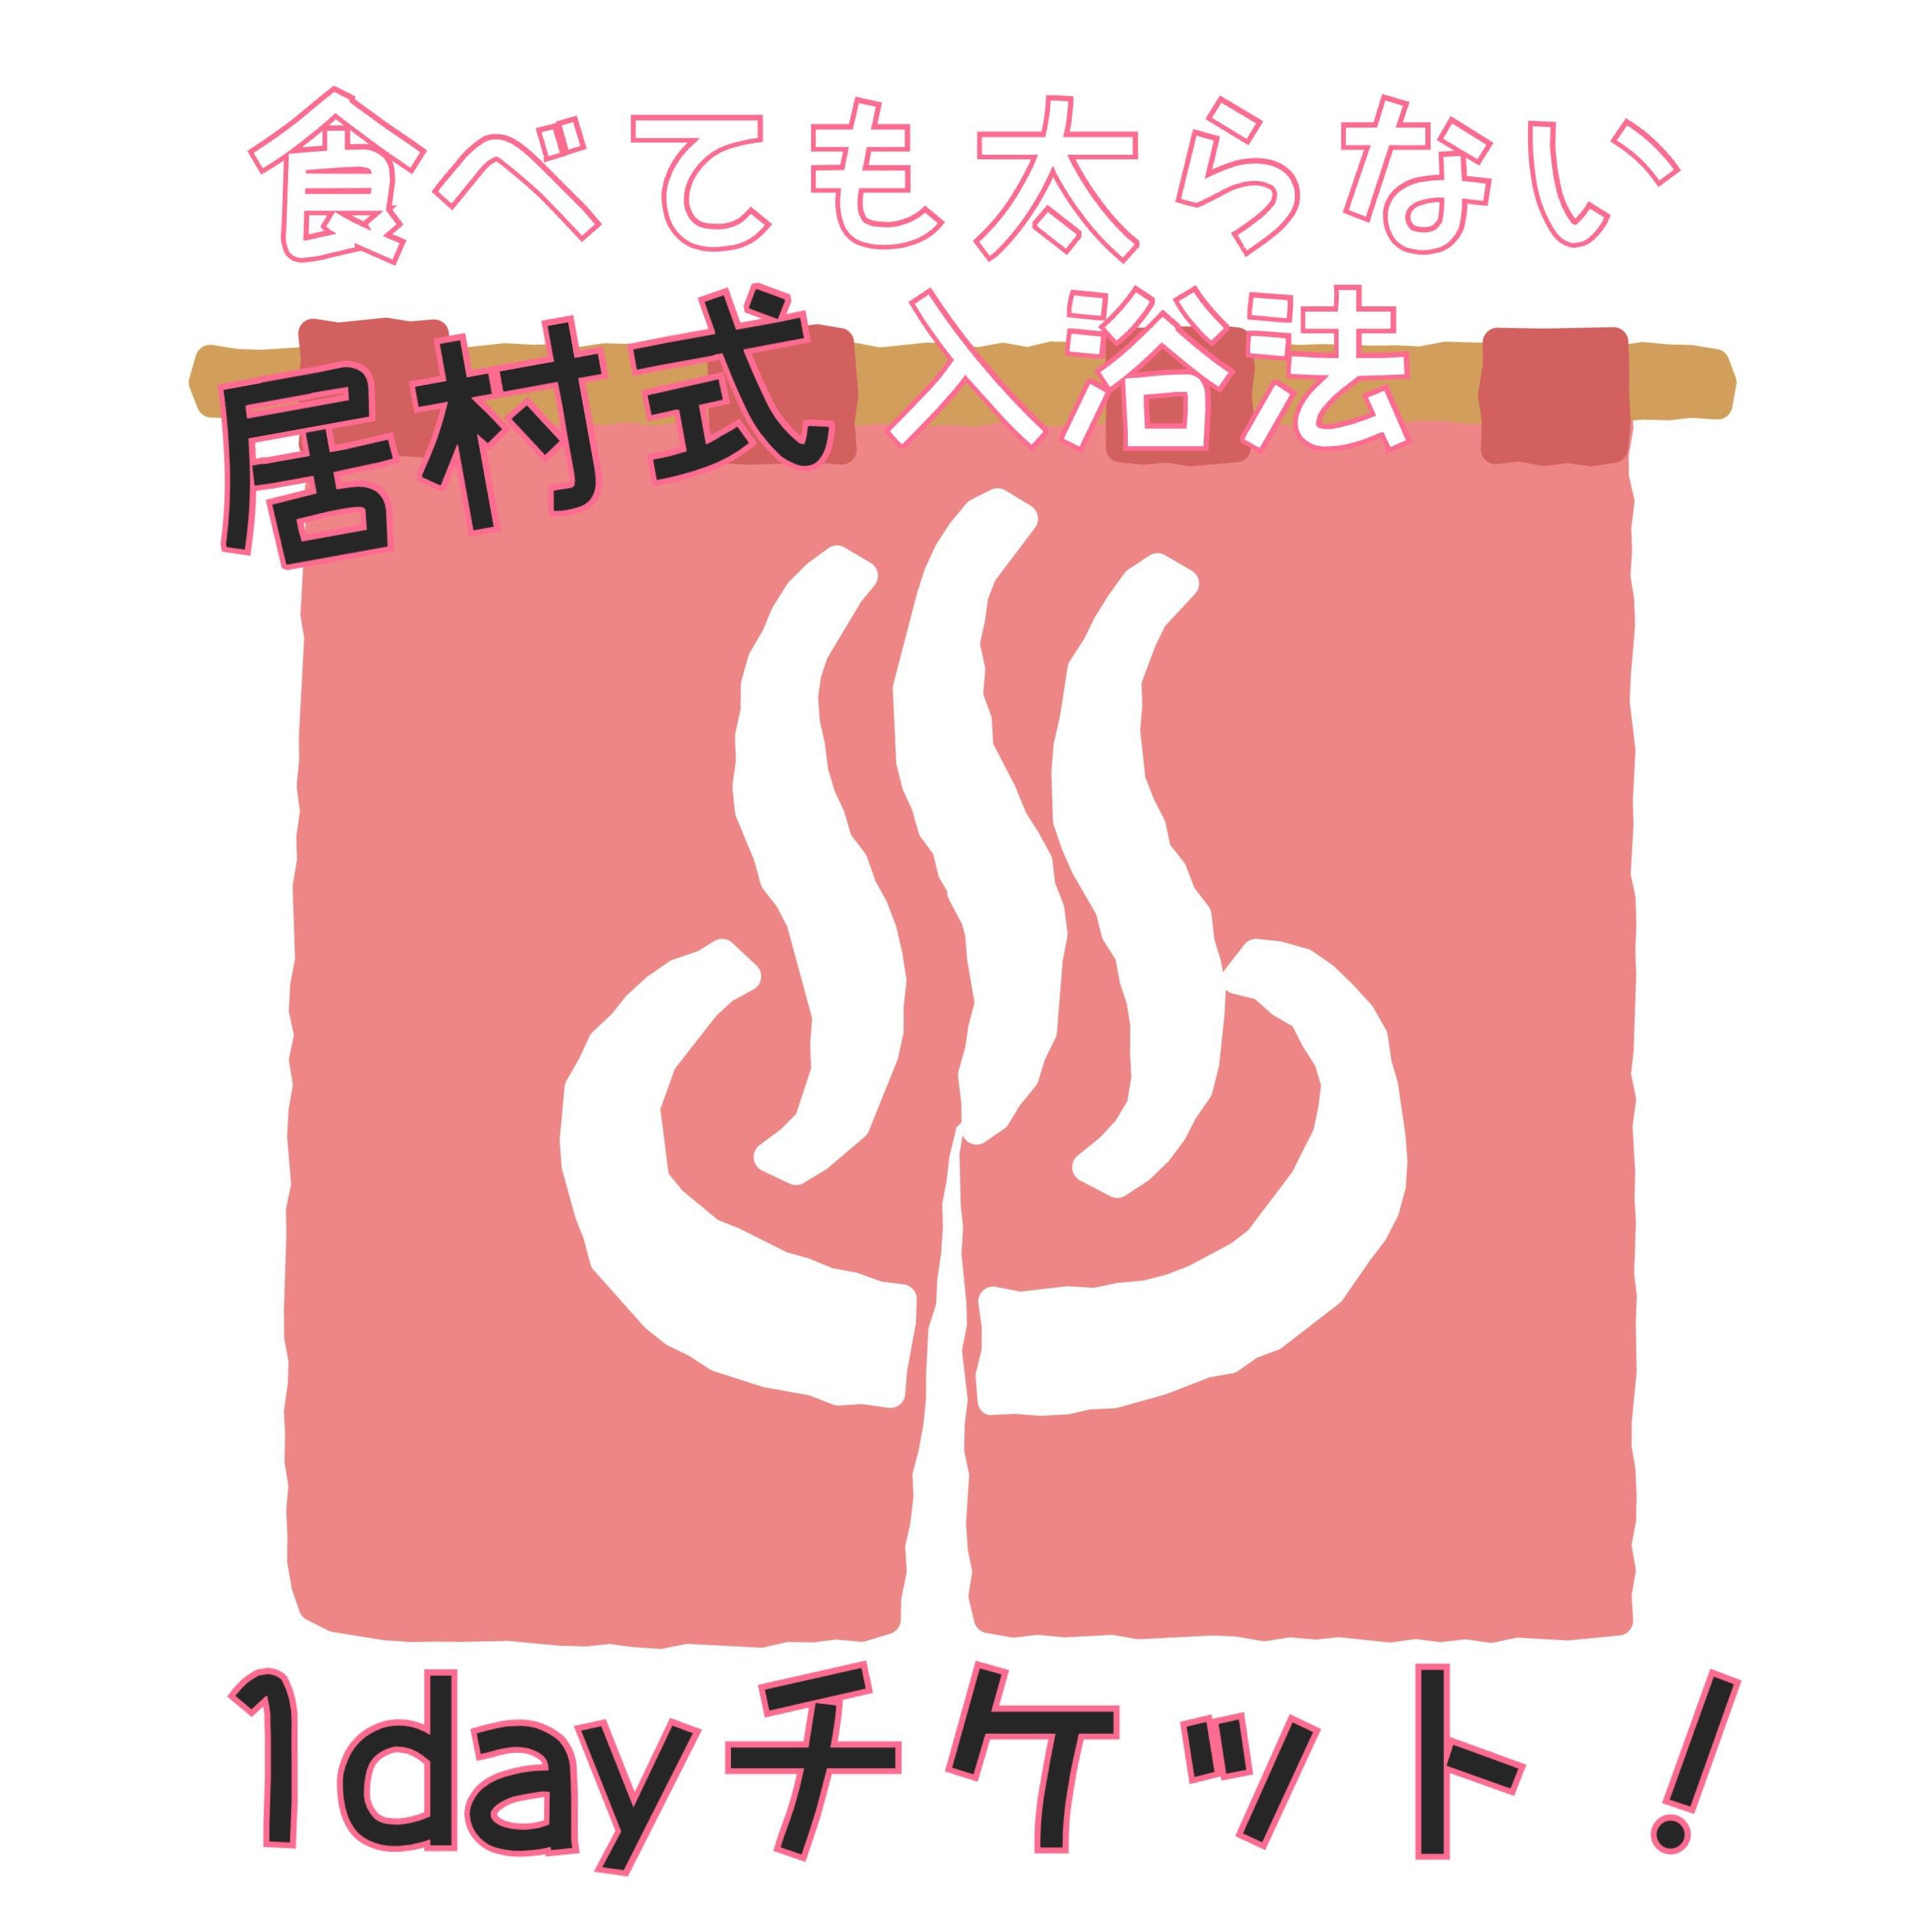 食べても太らない居村式入浴法/1DAY体験/入浴指導・お食事コンサル付き☆のイメージその1